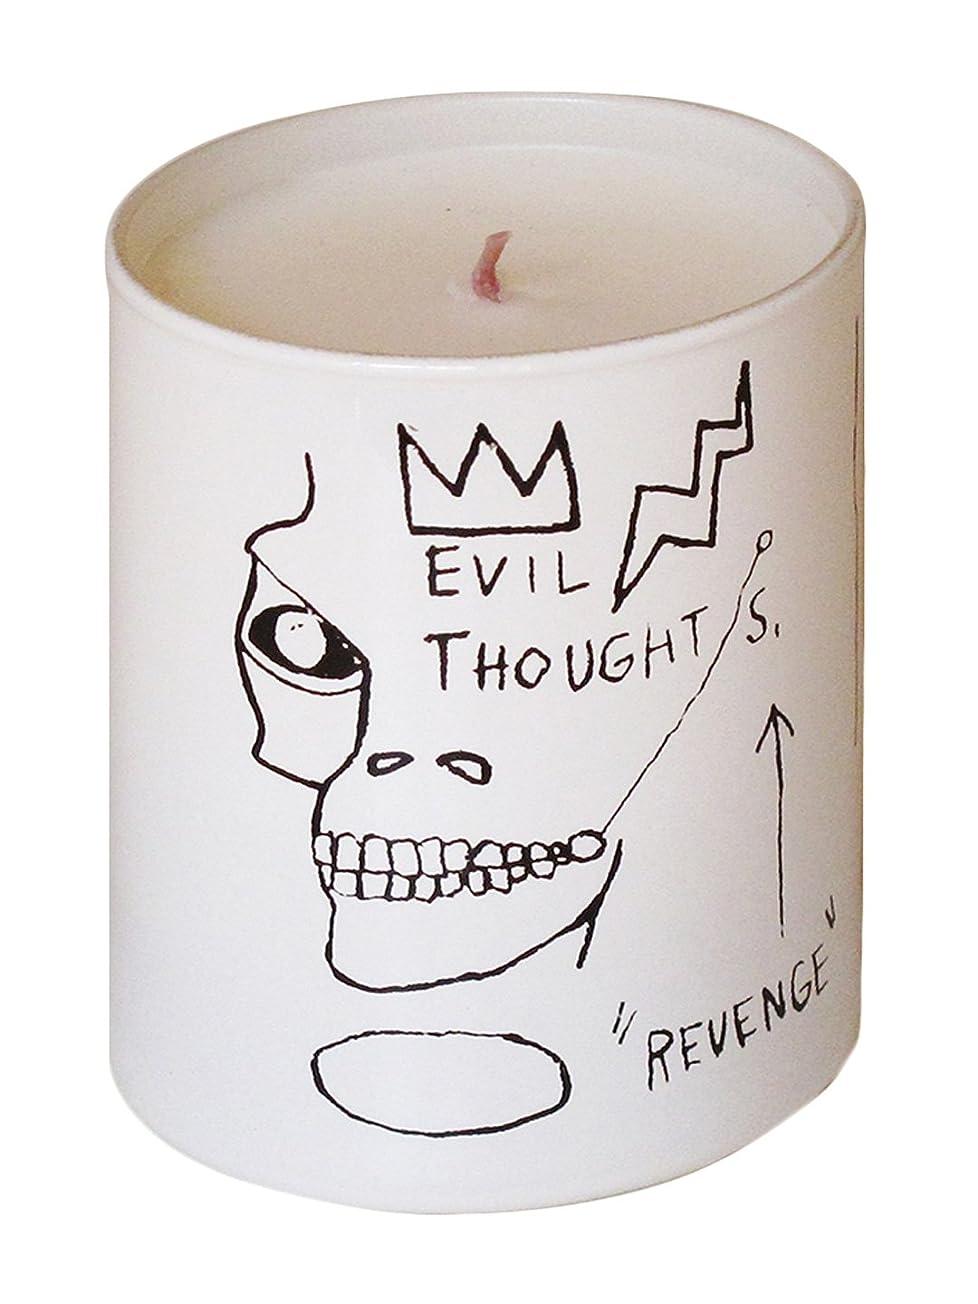 不正確流産すすり泣きジャン ミシェル バスキア リベンジ キャンドル(Jean-Michael Basquiat Perfumed Candle